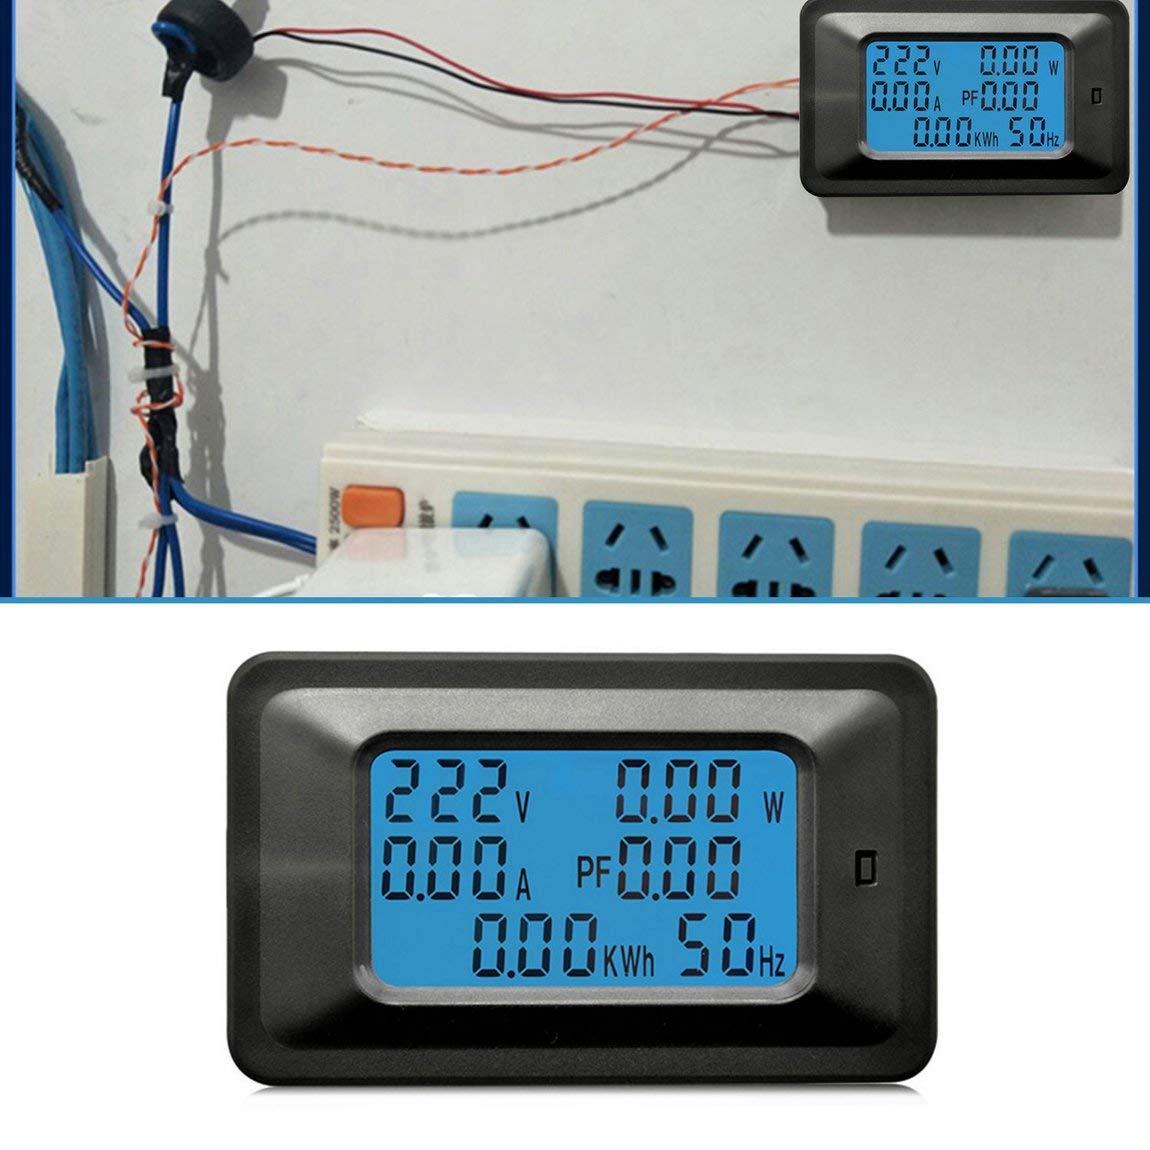 noir 100A AC LCD Panneau Num/érique Watt M/ètre Moniteur Voltm/ètre Amp/èrem/ètre Testeur de Tension pour Appareils M/énagers